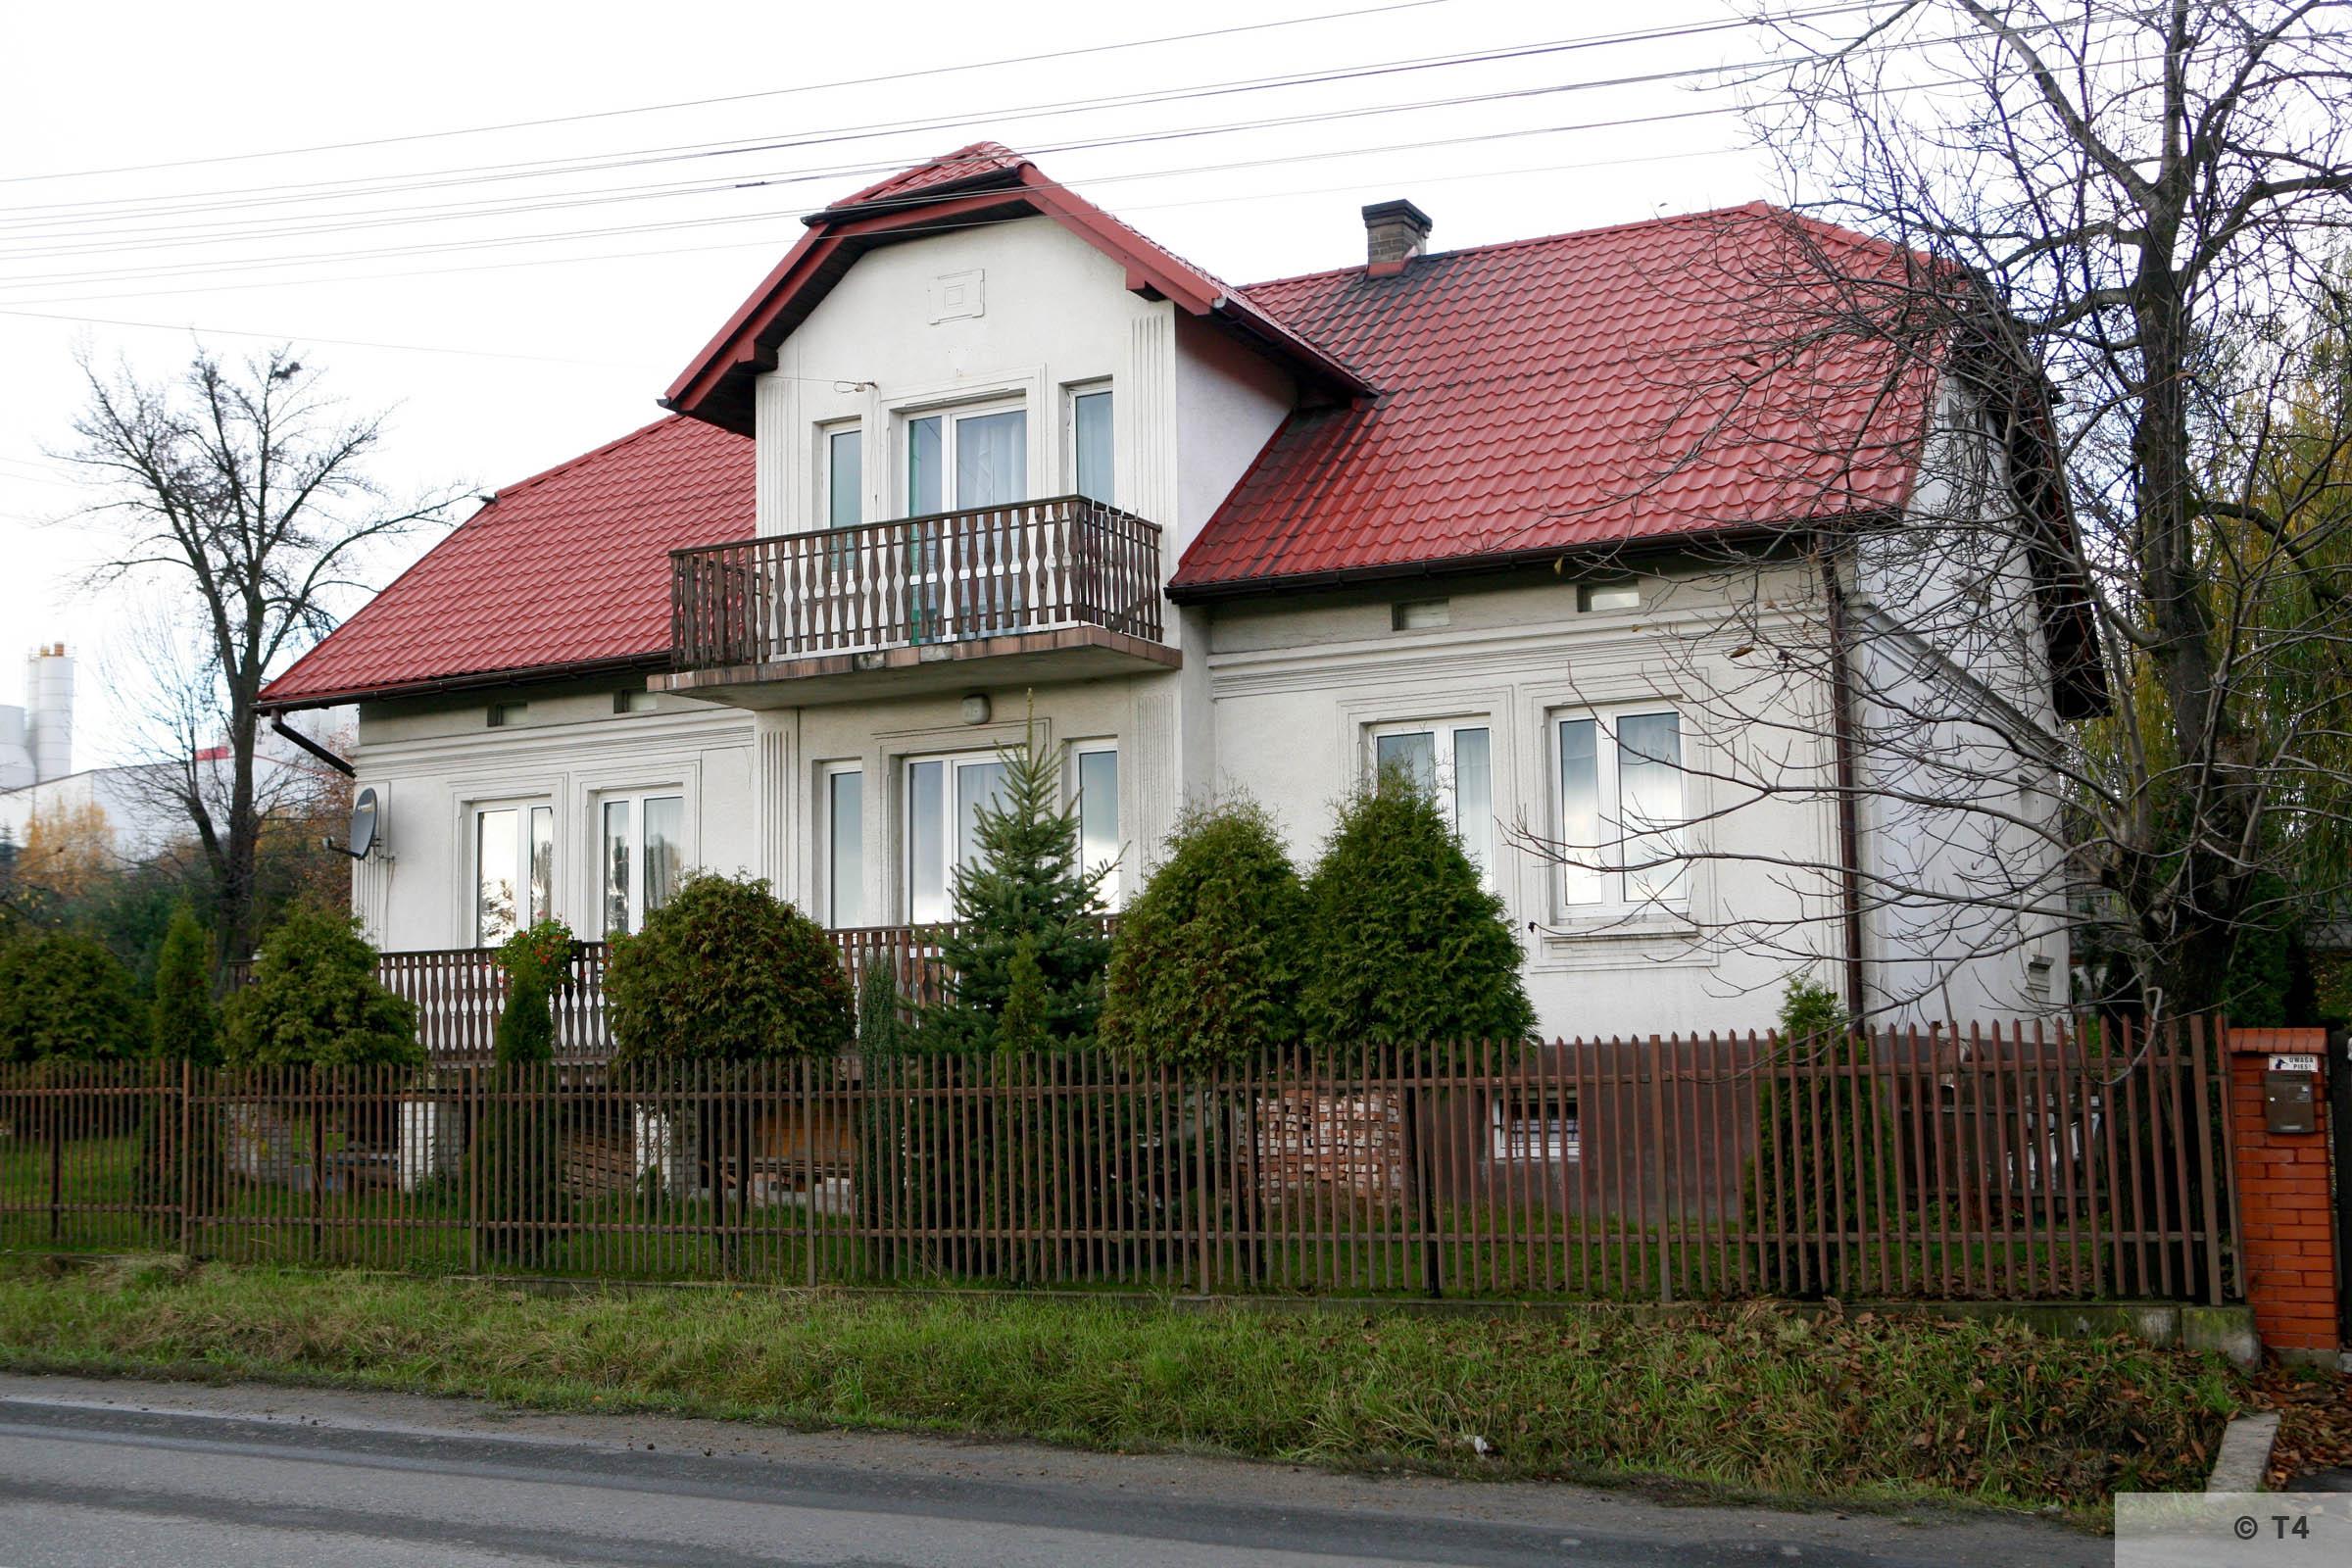 Lagerführer house. 2007 T4 3330